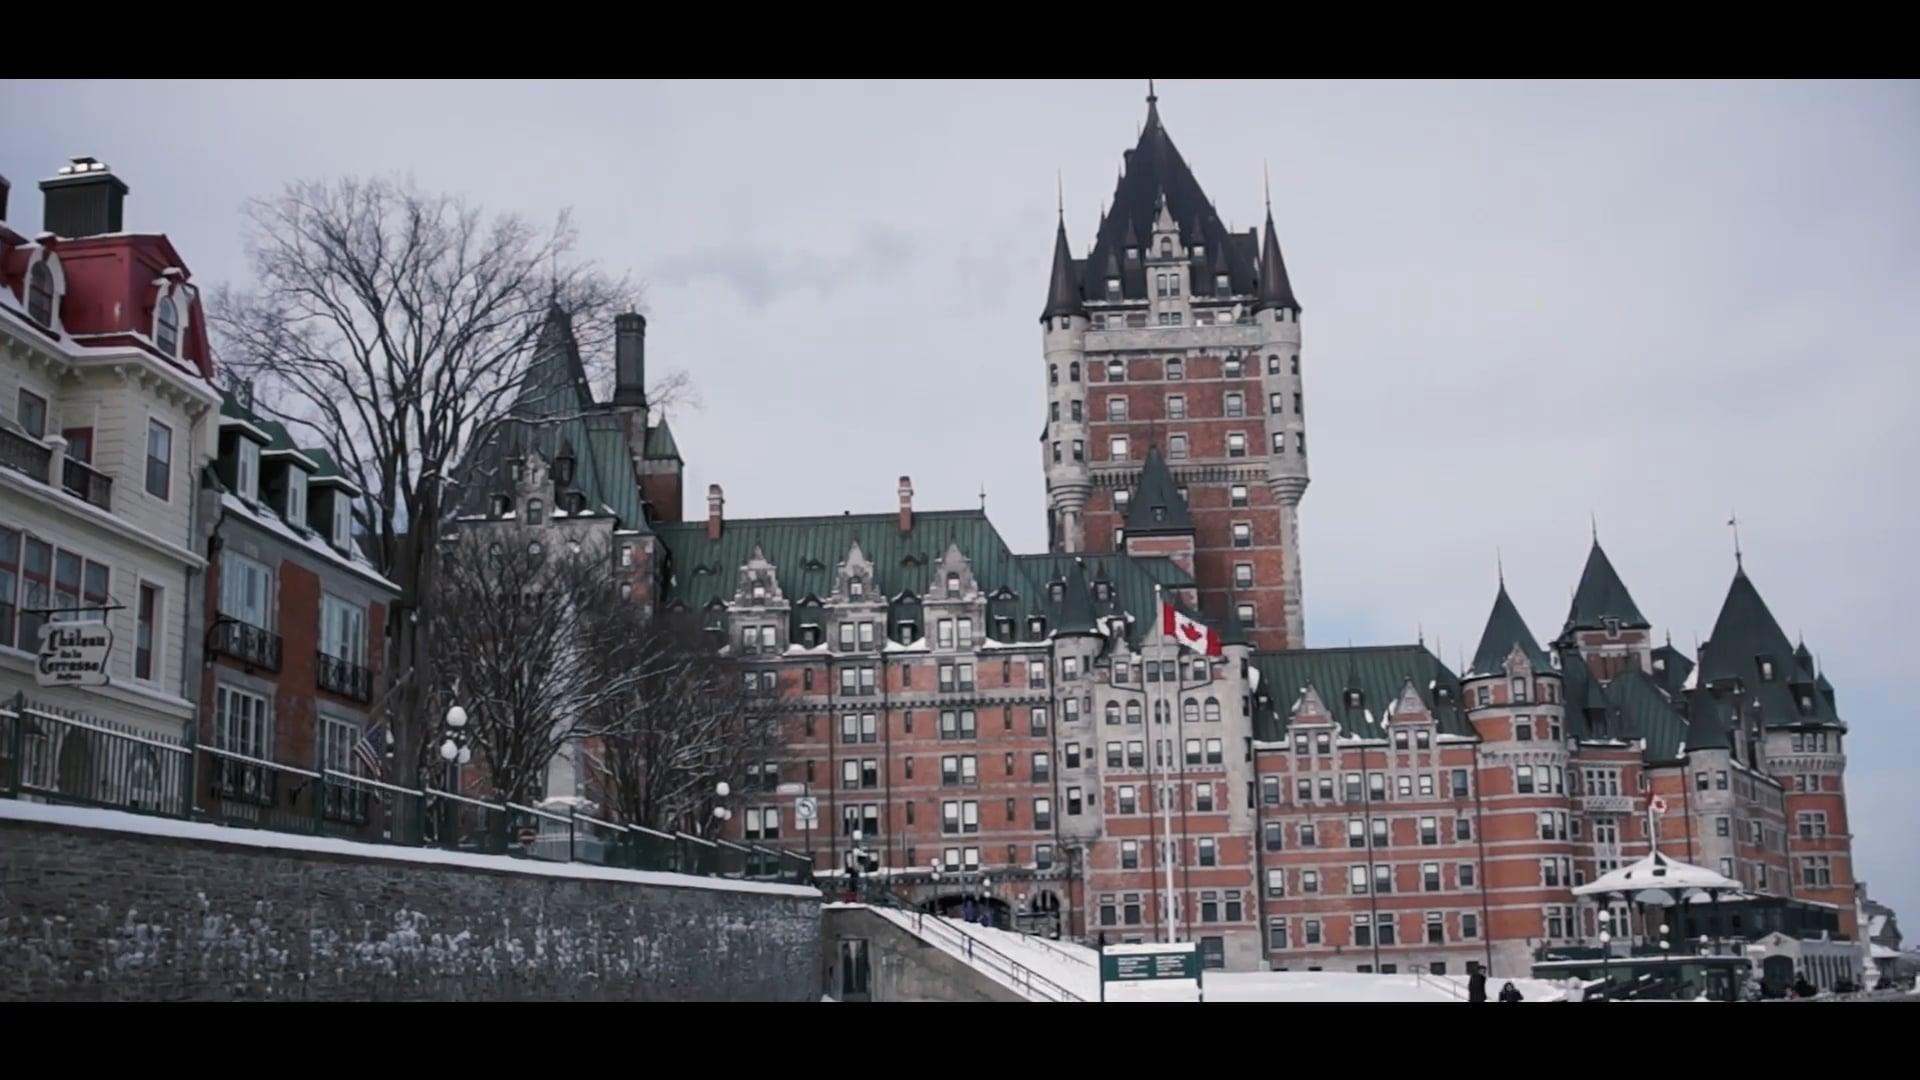 Quebec 2016 - '03 Belle Tire (Trailer)